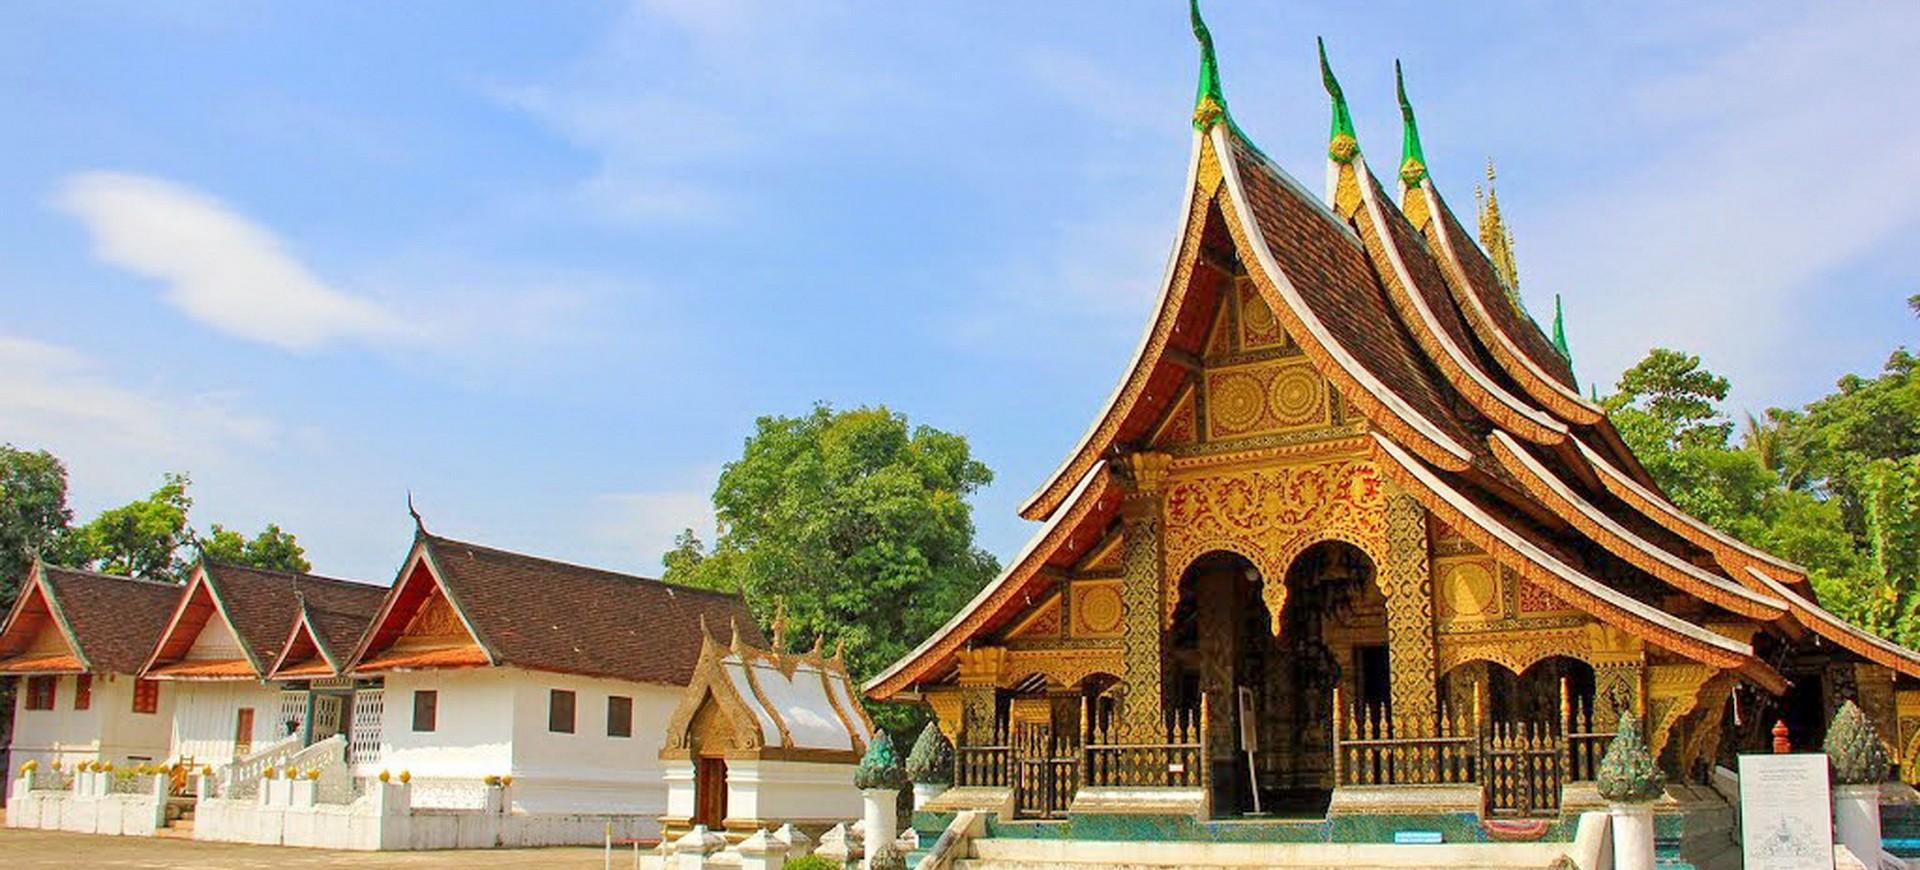 Wat Xieng Thong à Luang Prabang au Laos